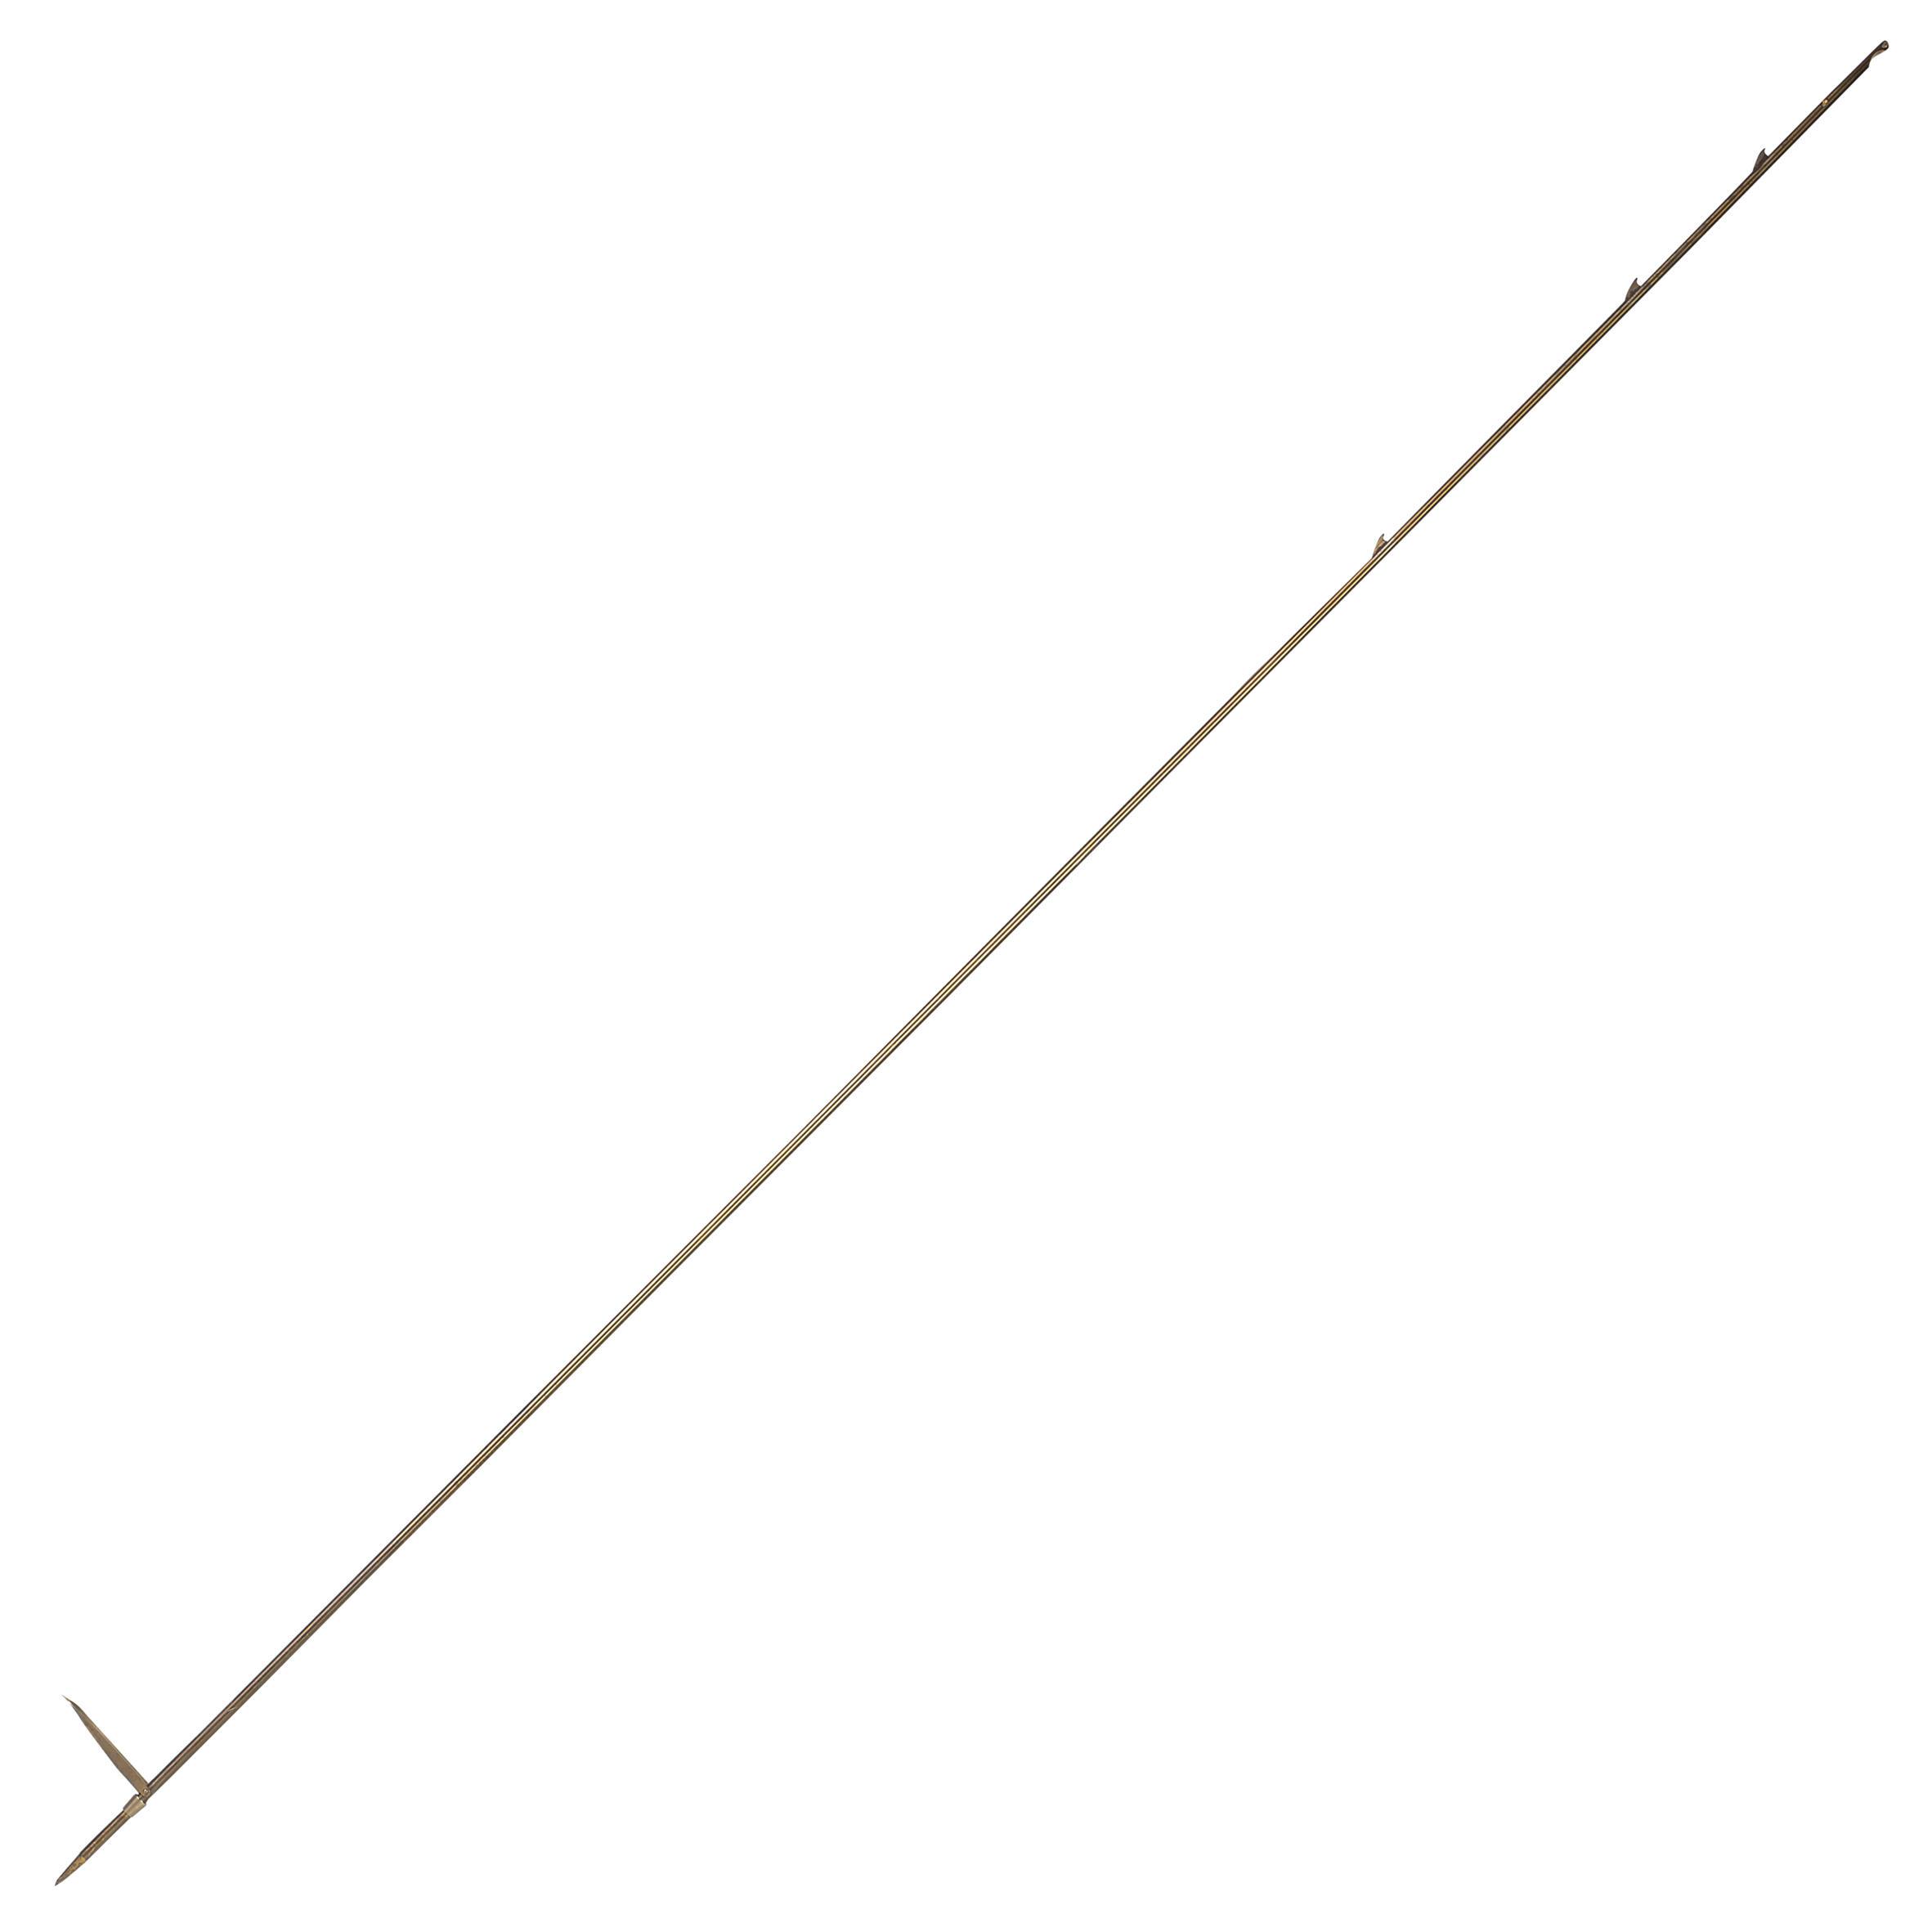 Săgeată 3 vârfuri Ø6,5MM 115cm la Reducere poza